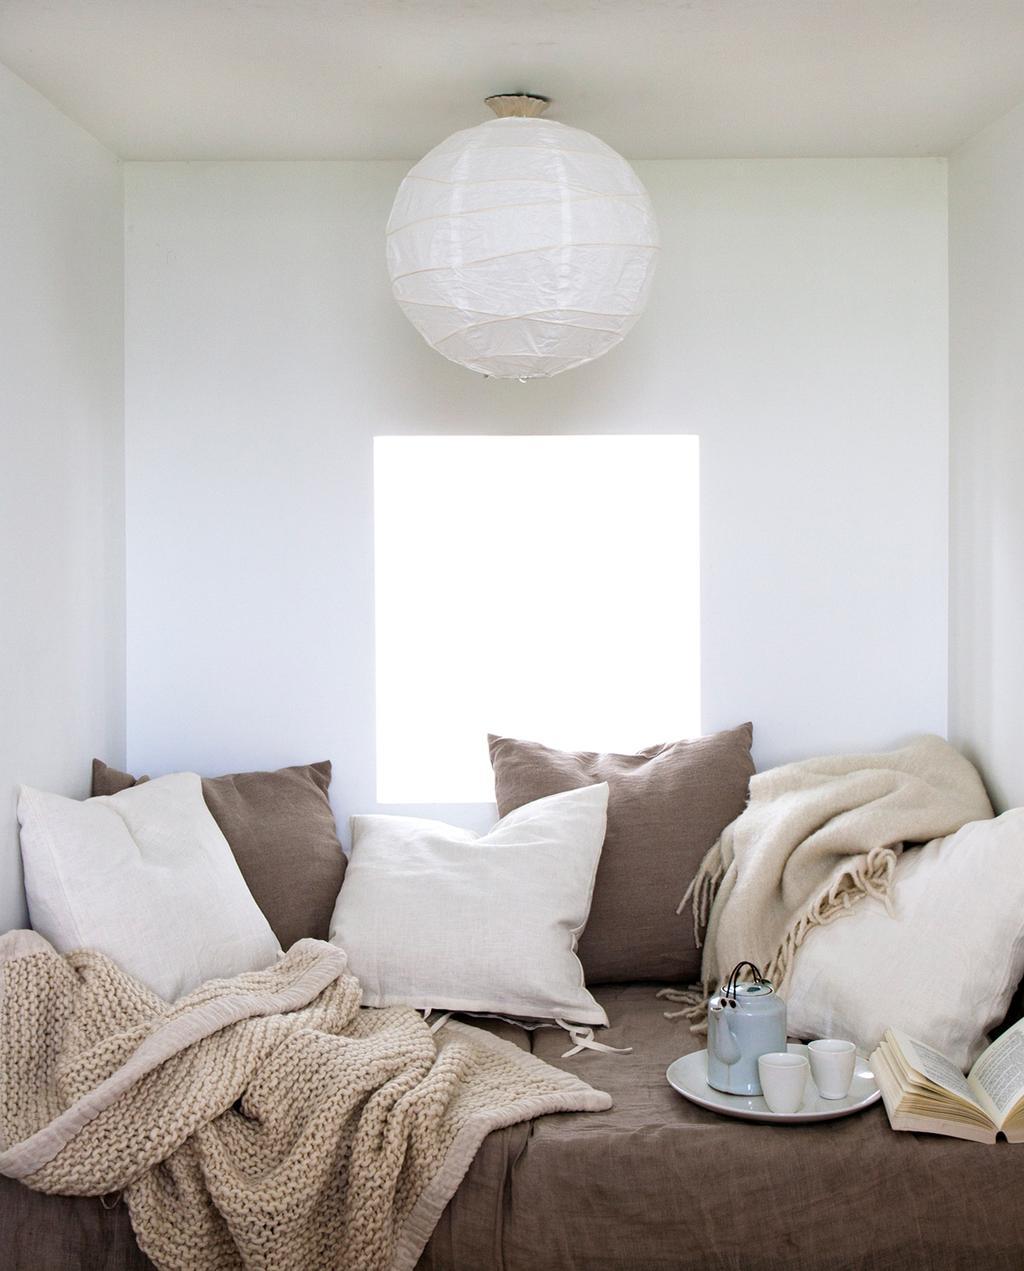 gezellig loungehoekje met bruine en cremekleurige matrassen en kussens | Fotografie Anna de Leeuw, styling Marianne Luning